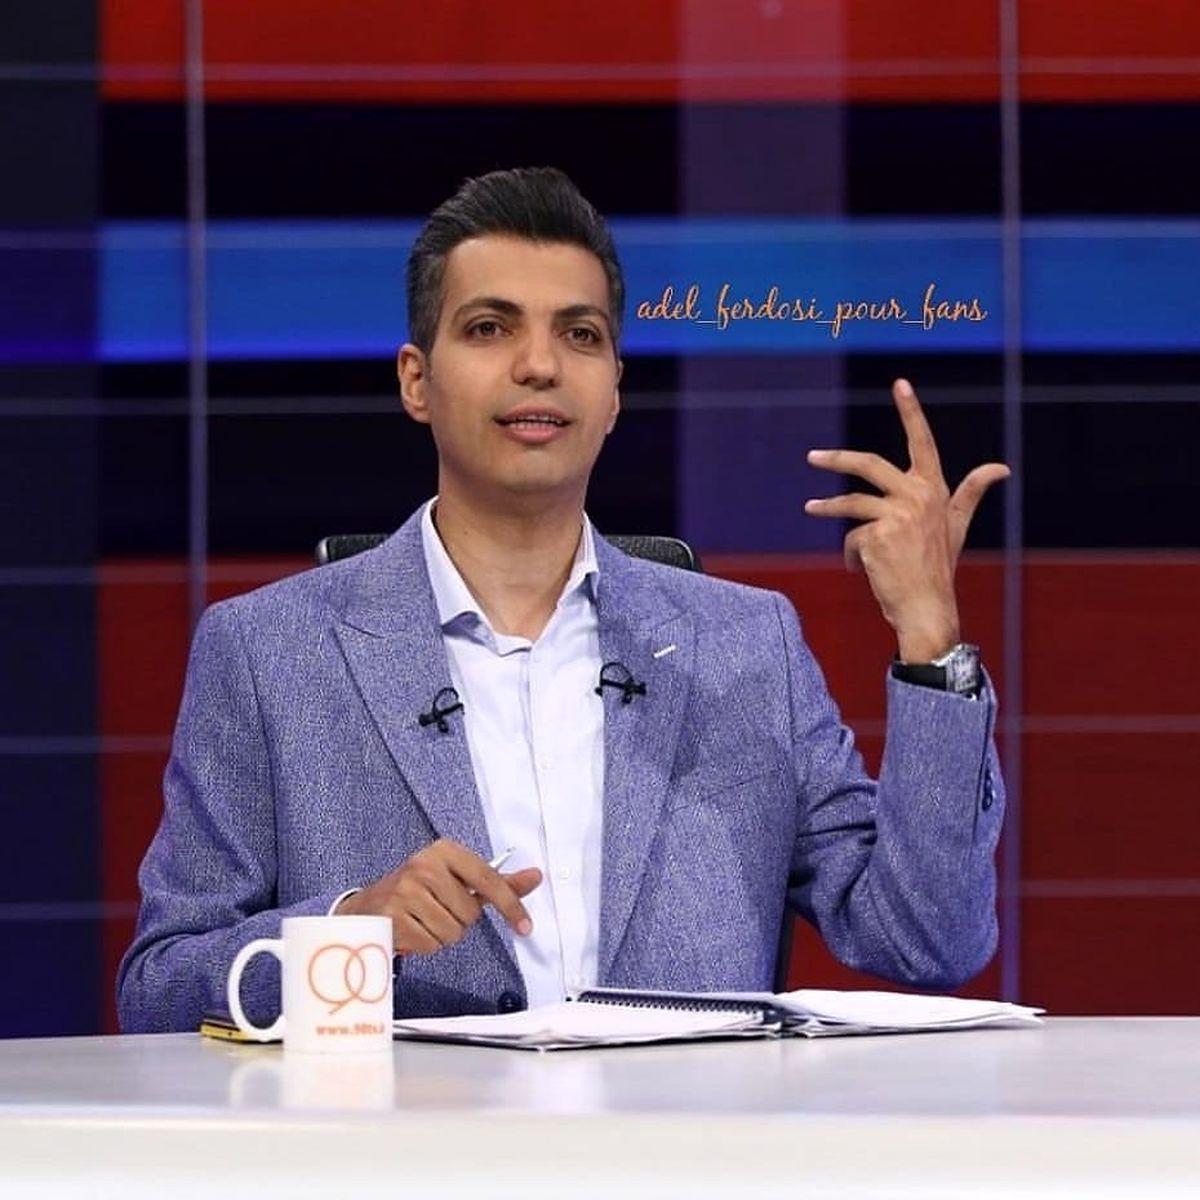 واکنش عادل فردوسی پور به وعده وزارت